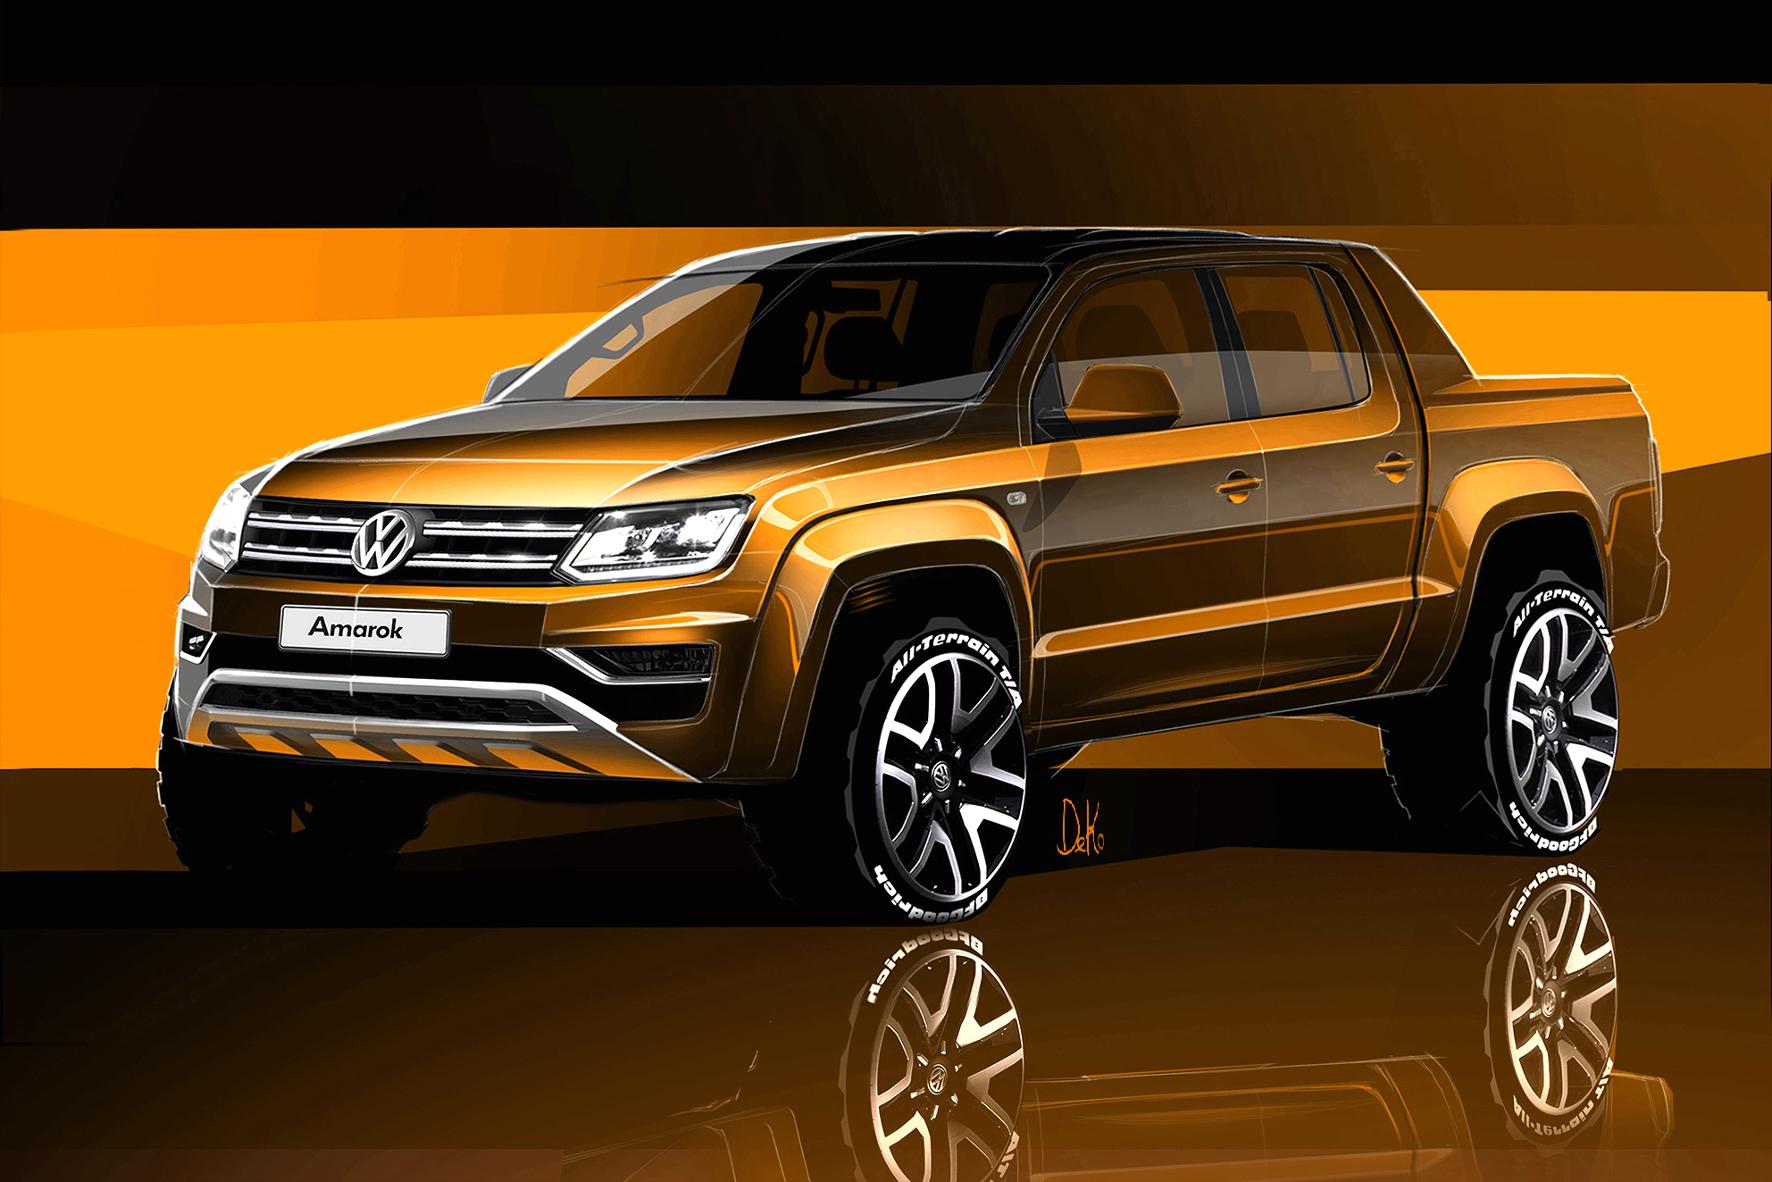 mid Groß-Gerau - Der neue VW Amarok wird ersten Skizzen zufolge deutlich kantiger als das aktuelle Modell.